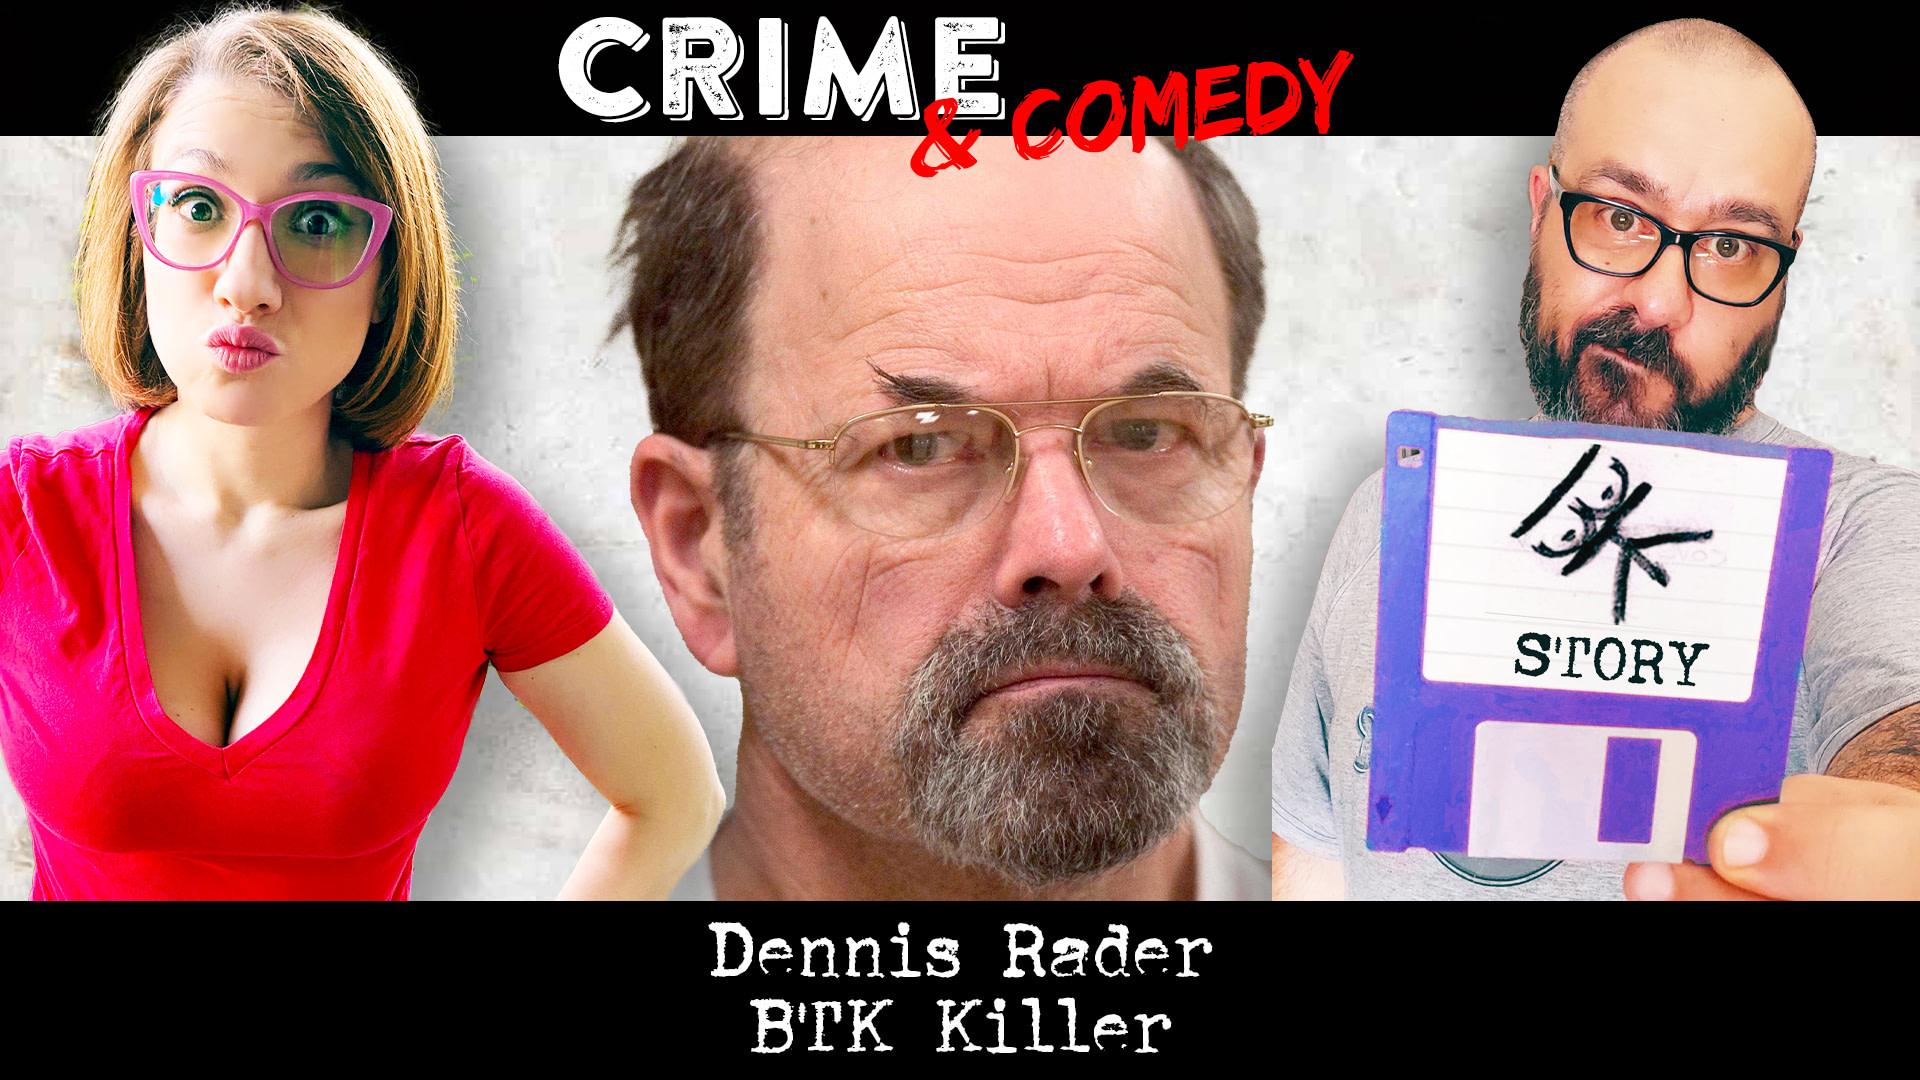 Dennis Rader - BTK Podcast Killer - Crime & Comedy